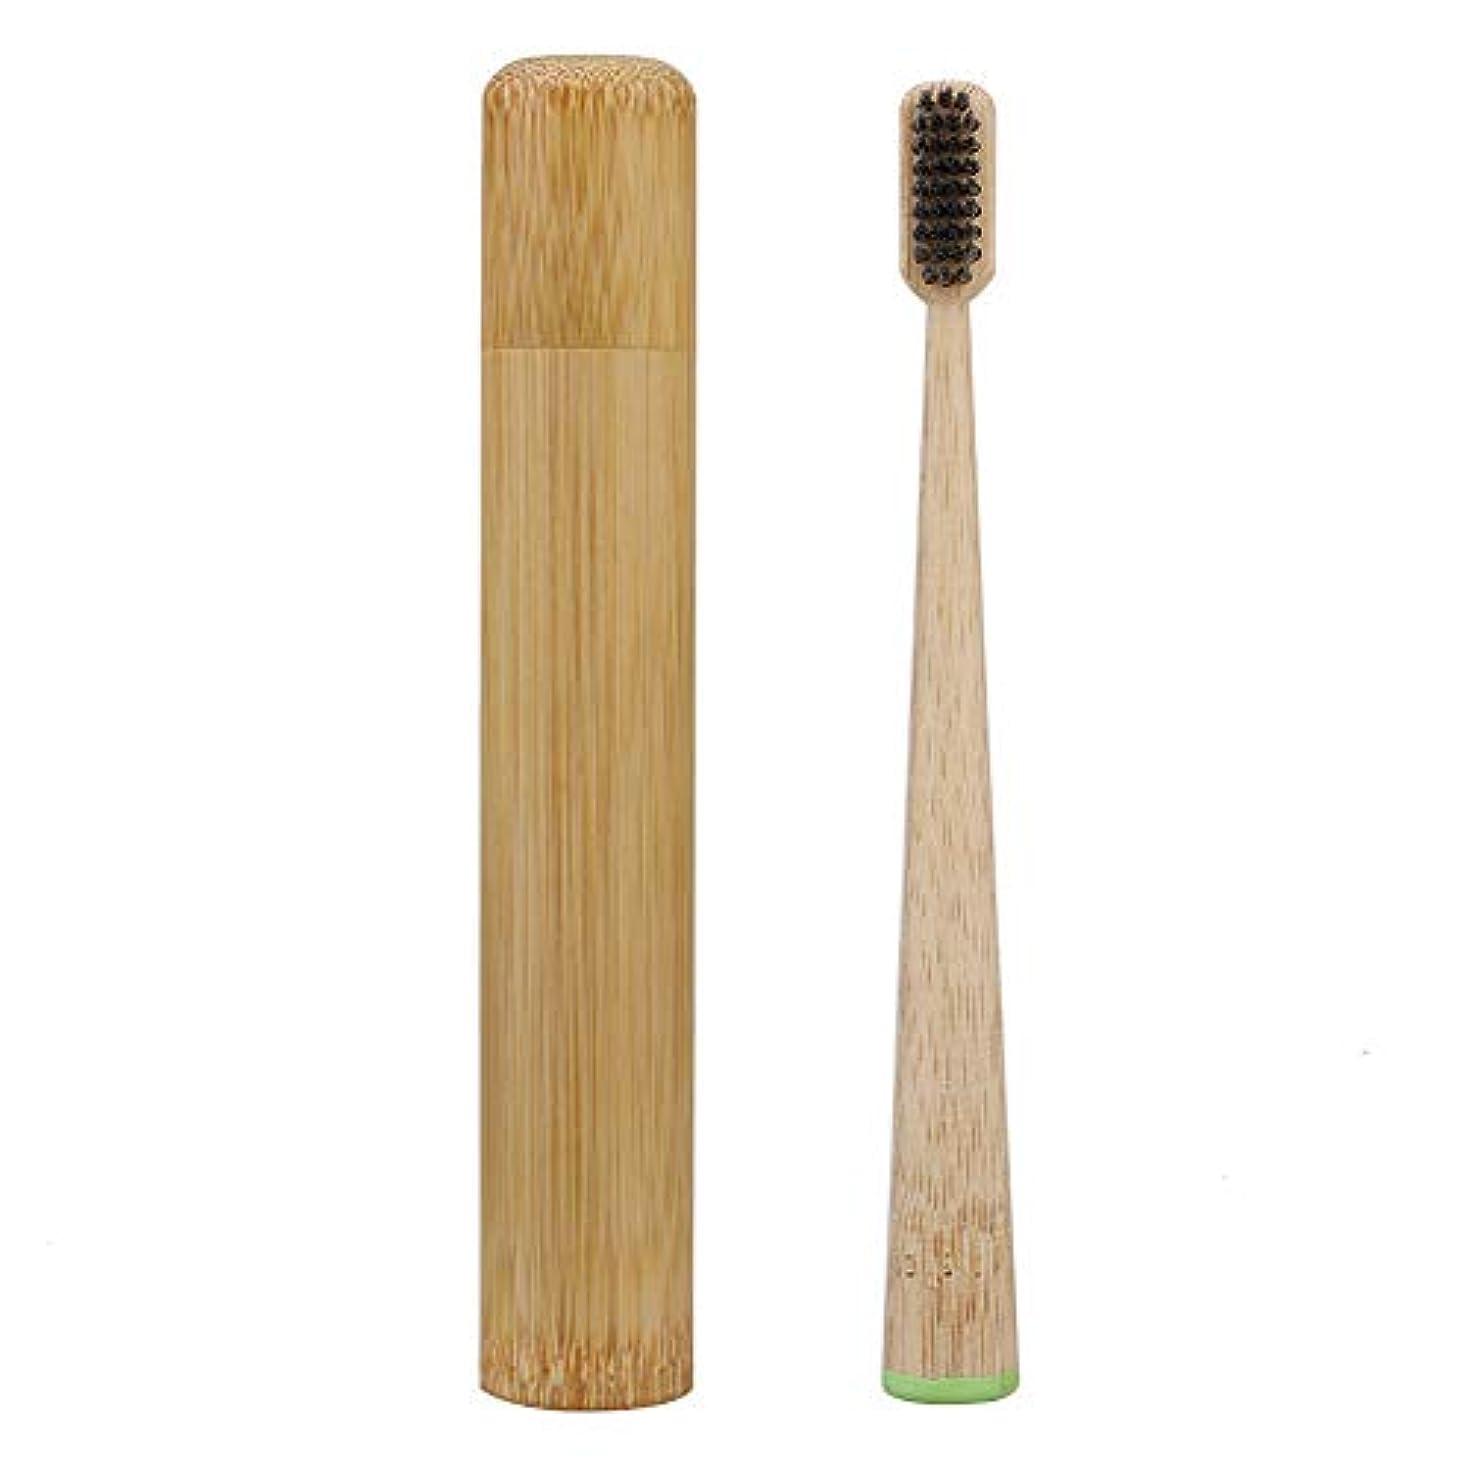 トン架空のパーティションPannow 2pcs 竹の歯ブラシ 子ども用ハブラシ 丸いハンドル歯ブラシ ケース付き 柔らかい 炭の毛 環境にやさしい歯ブラシ